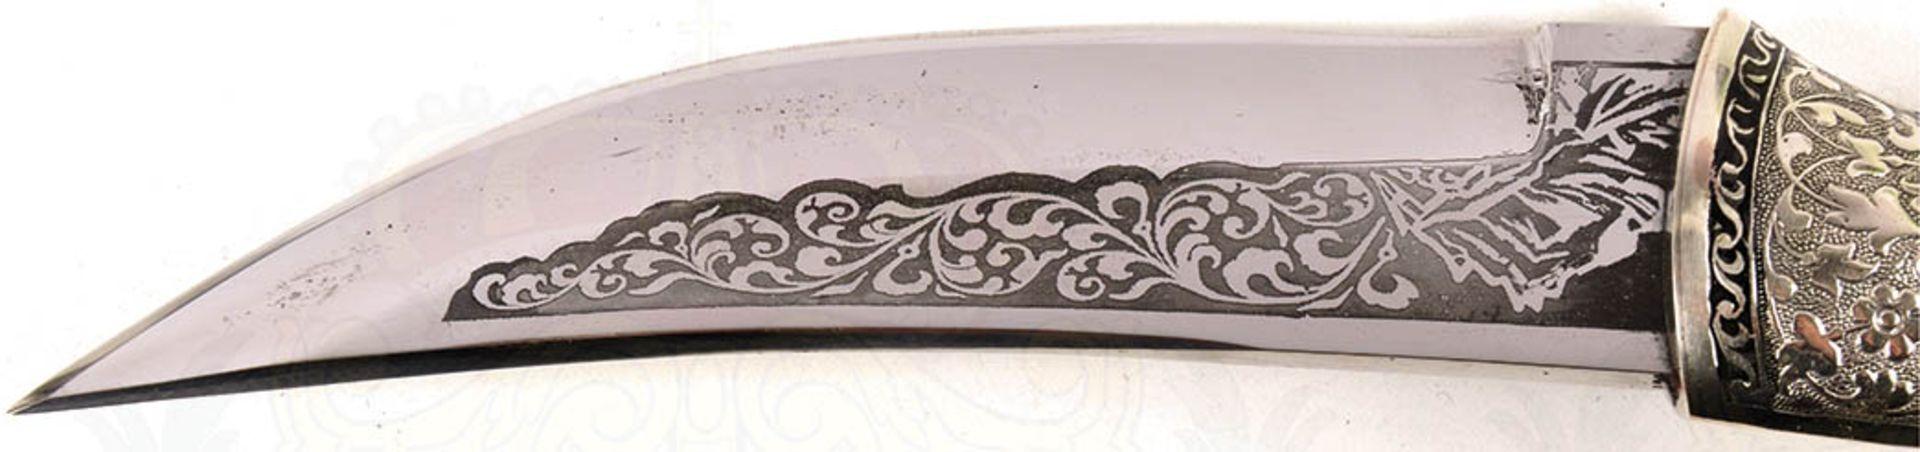 DOLCH, verm. Kaukasus, leicht gekrümmte Keilklinge, beids. Zierätzung, florale Ornamente u. - Bild 2 aus 4